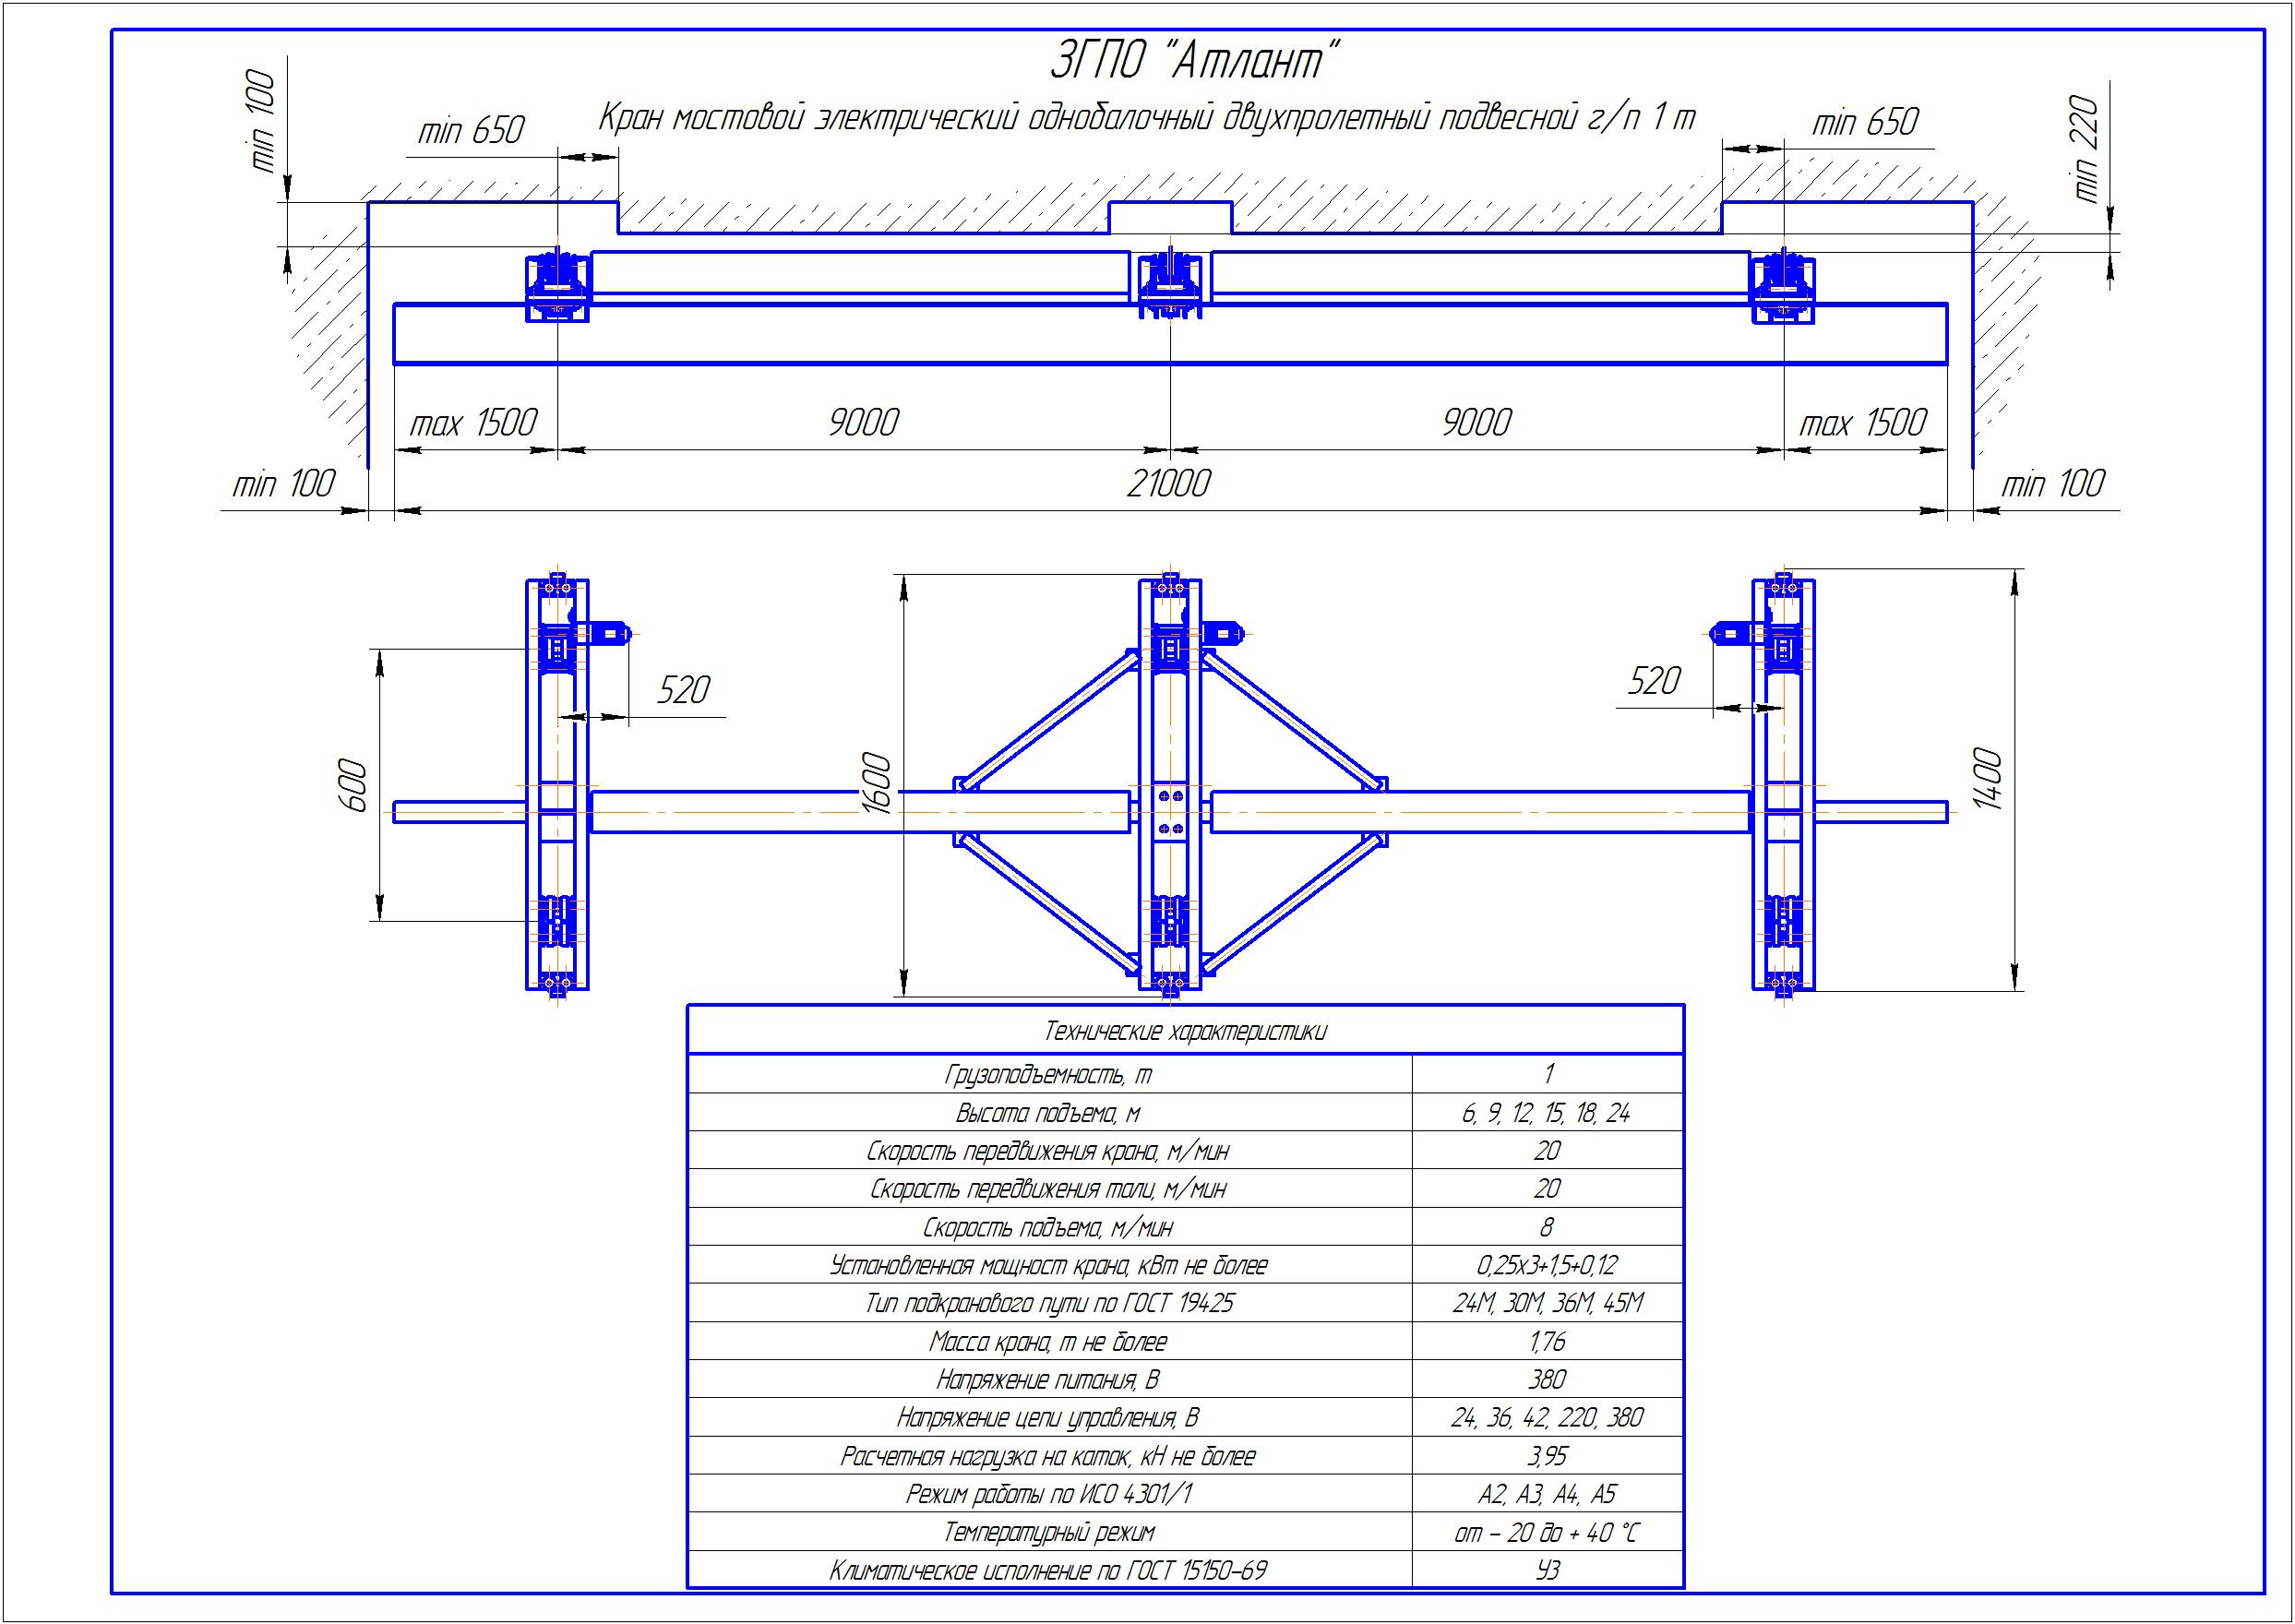 KBPD 1 2 - Подвесная кран балка двухпролетная